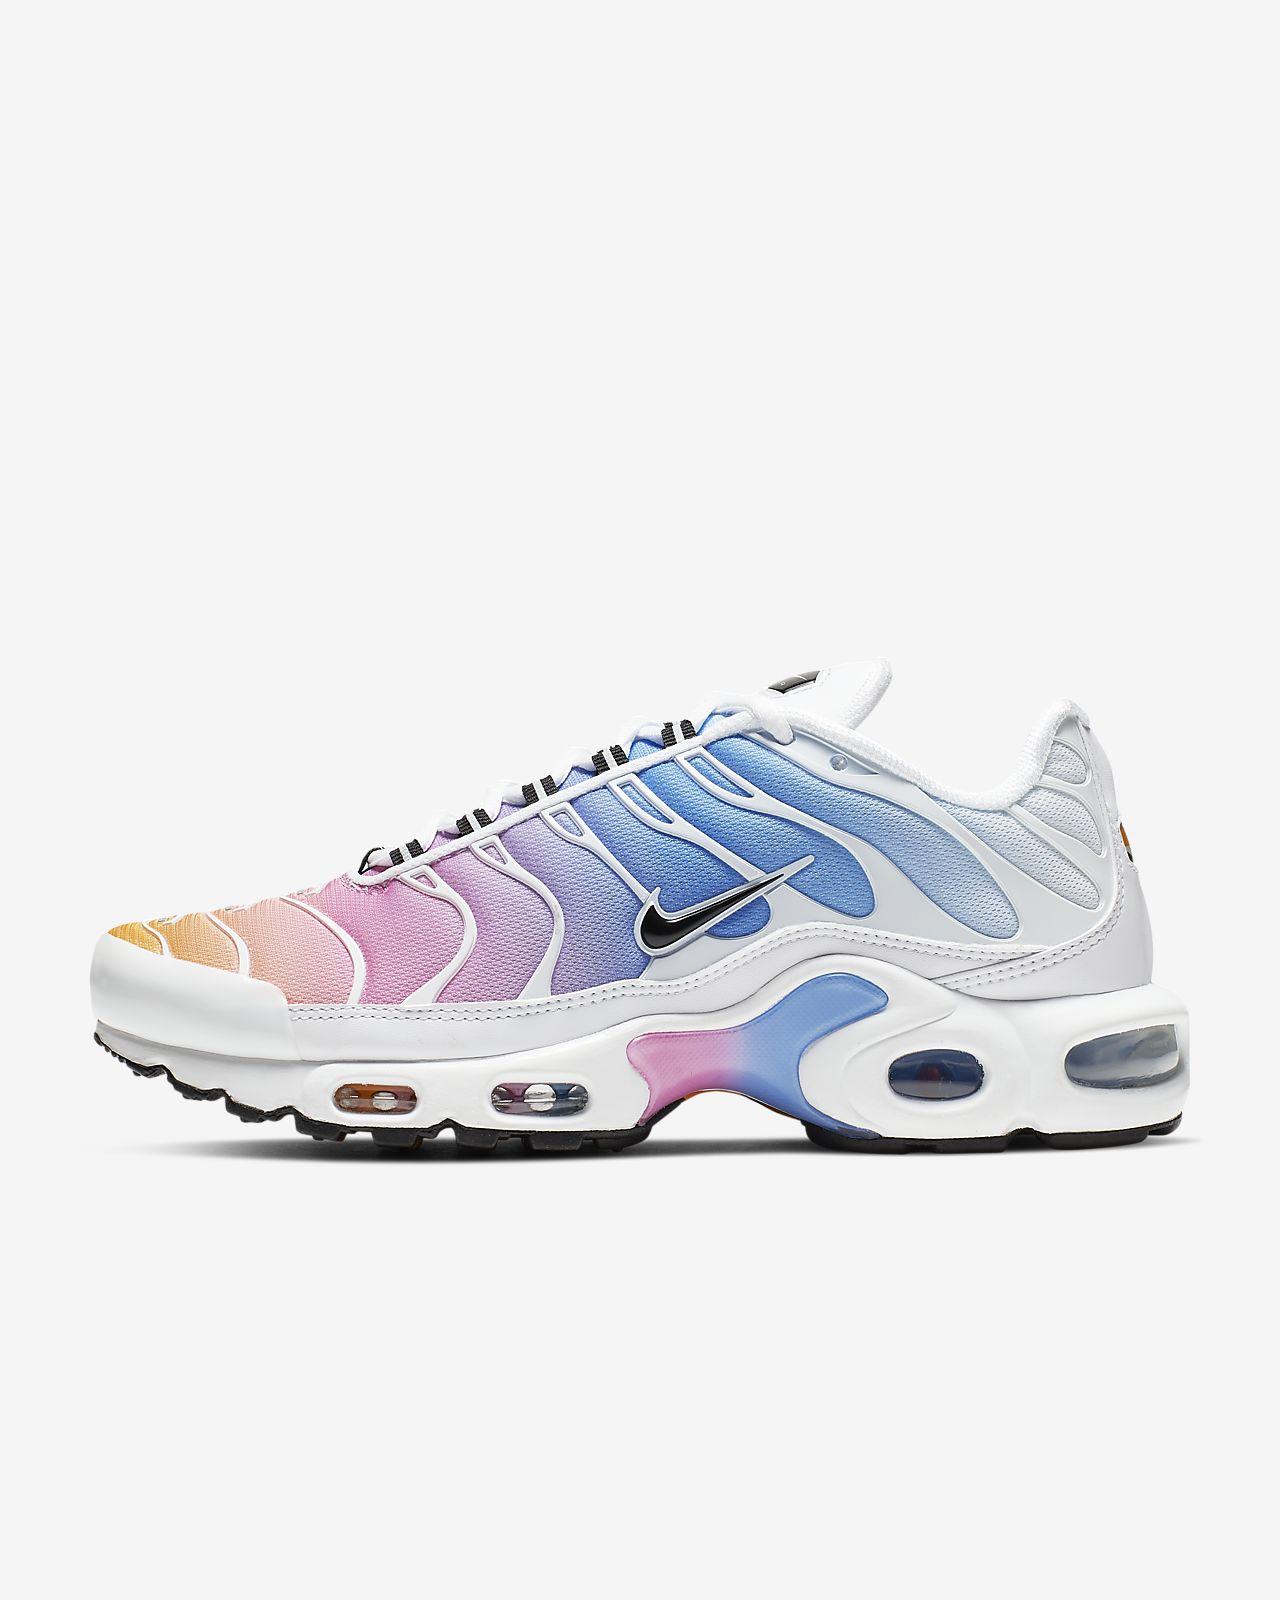 Nike Air Max Plus Schuh